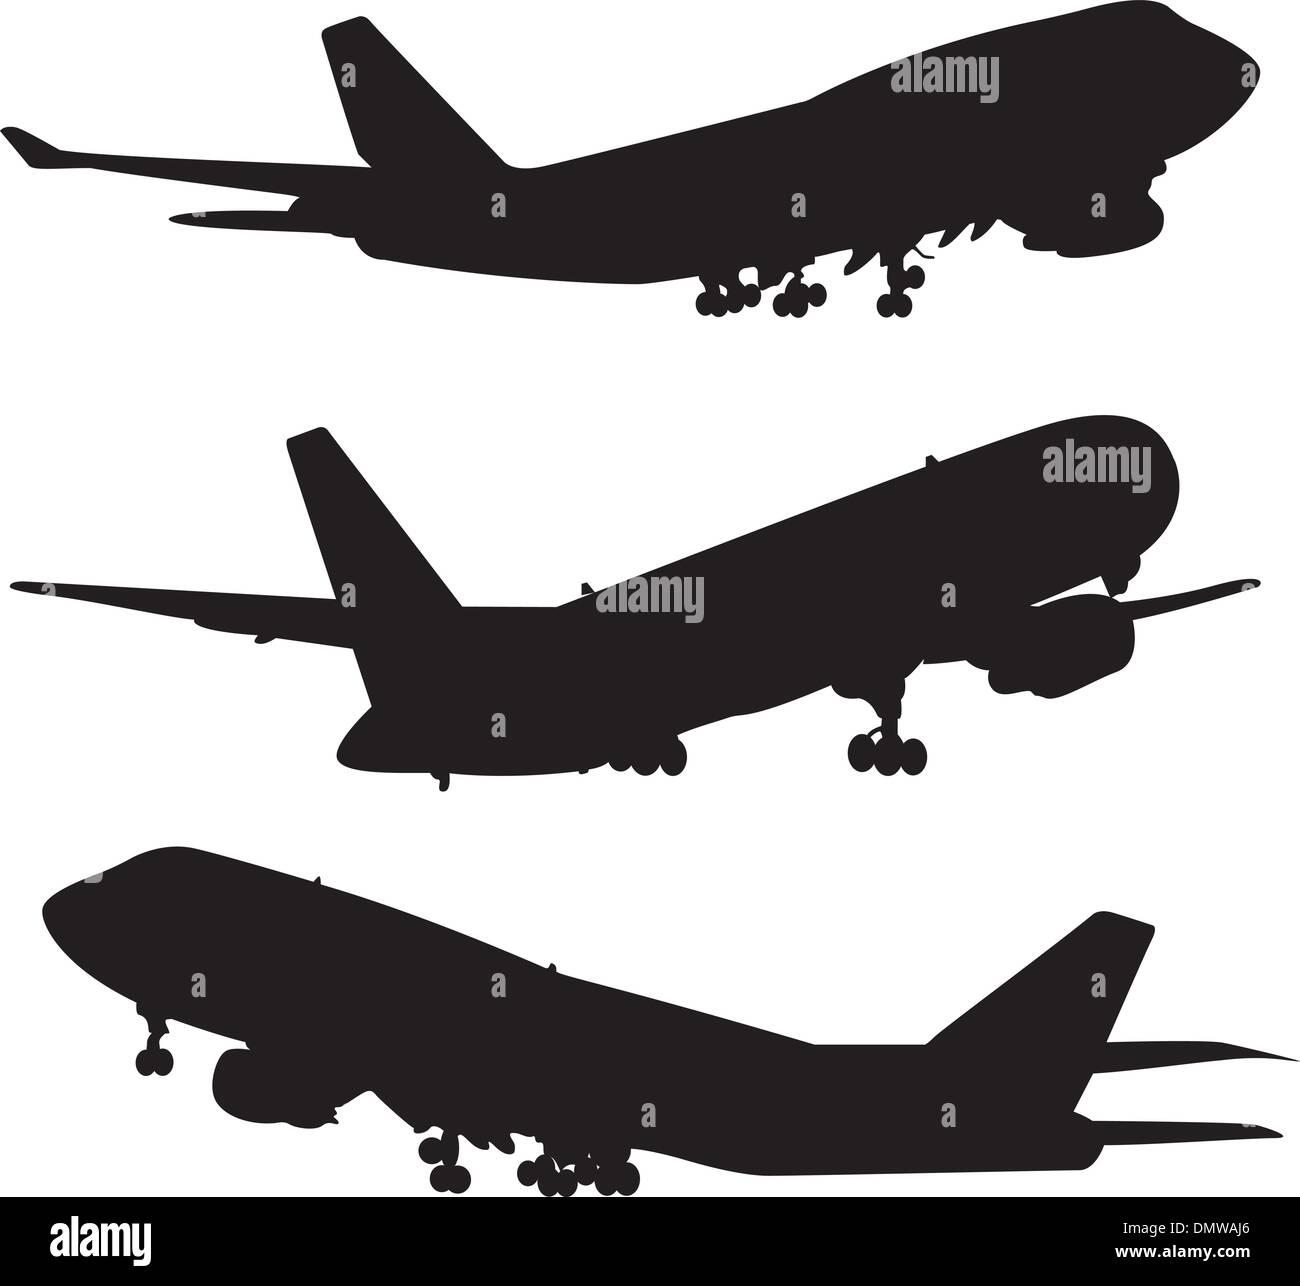 Silueta de avión set Imagen De Stock